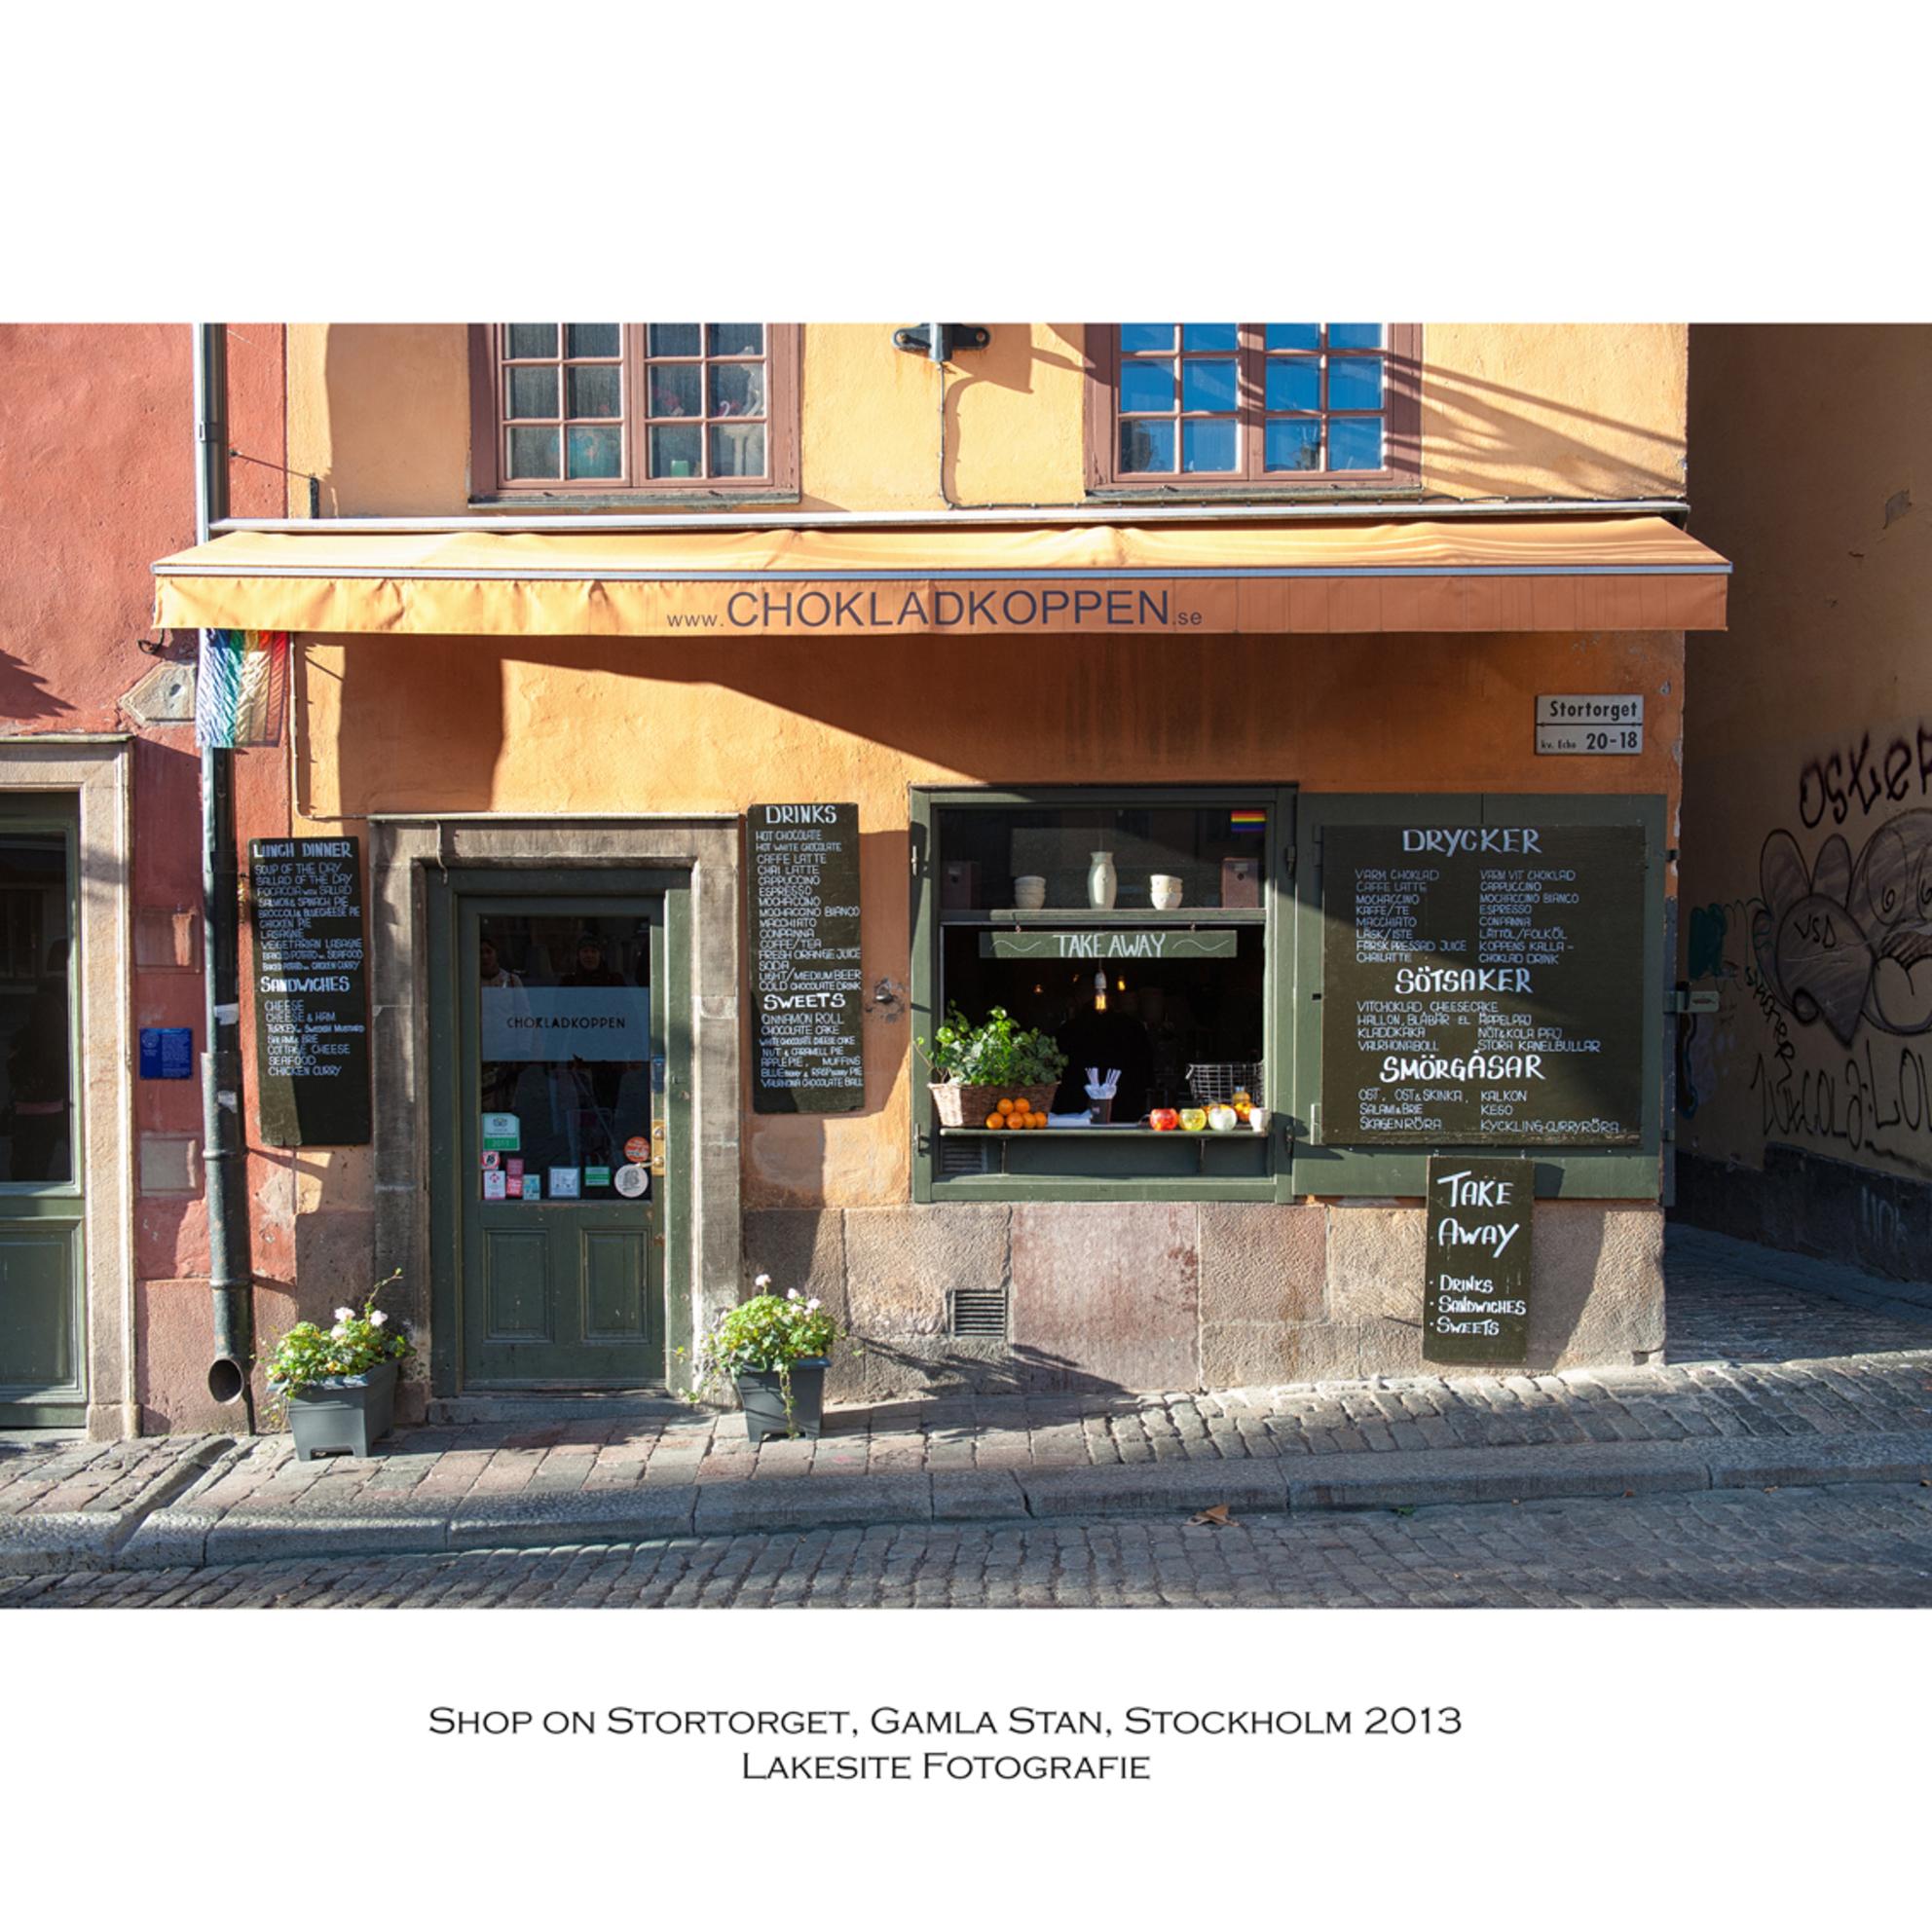 Gamla Stan, de oude stad, Stockholm 2013 - Winkeltje in de oude stad - foto door Lakesite op 01-01-2014 - deze foto bevat: kleur, water, herfst, reizen, stad, nikon, shop, zweden, stockholm, chocola, winkel, d700, 2013, D7100 - Deze foto mag gebruikt worden in een Zoom.nl publicatie